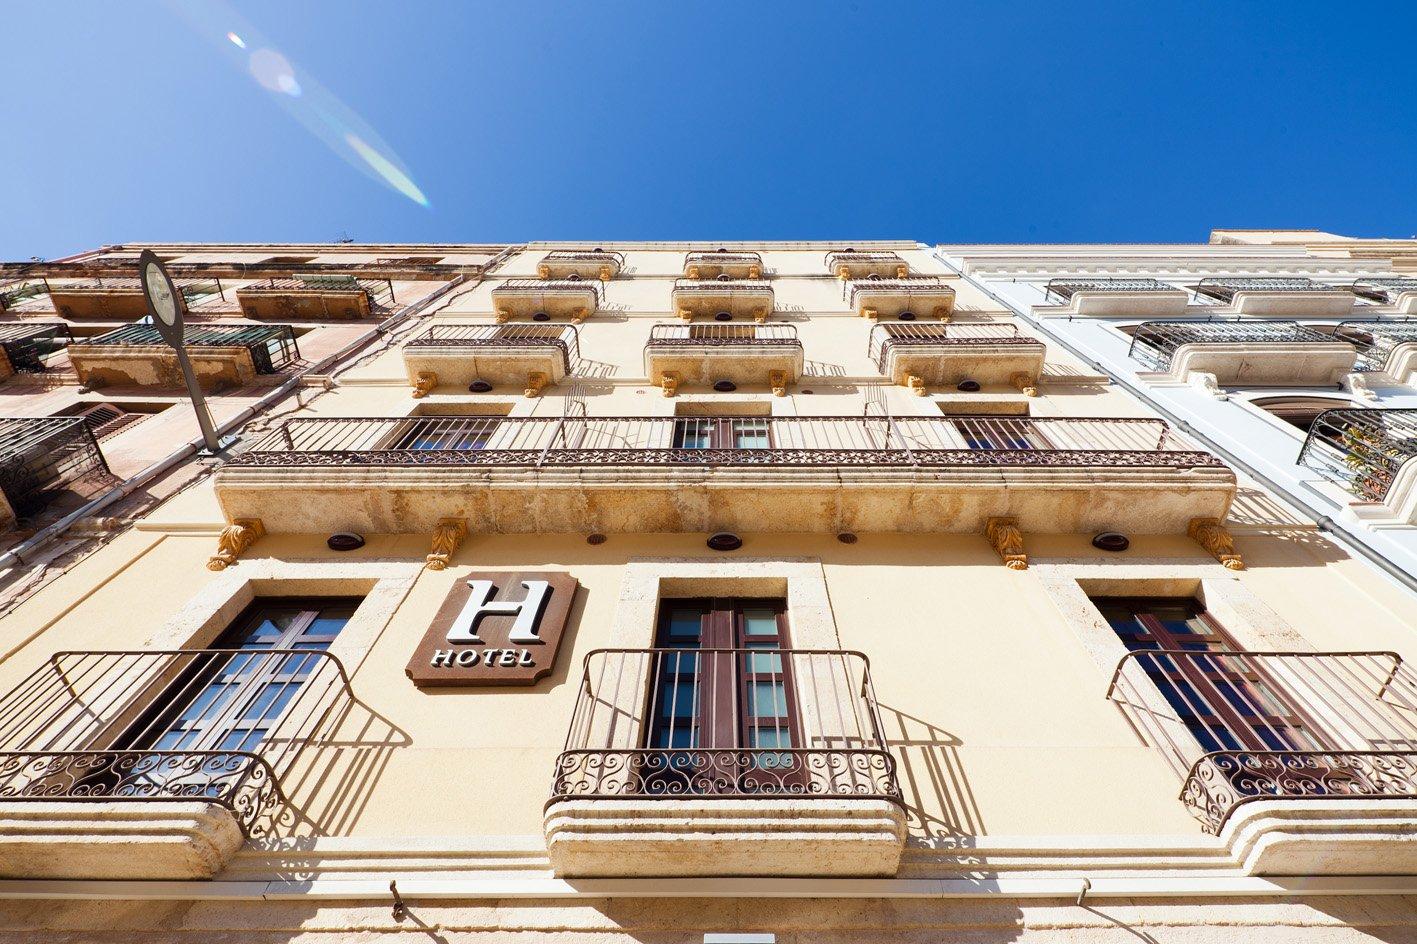 hotel_la_fontnombre_del_documento_18-90c8118756af97b4e75827463b19ebea